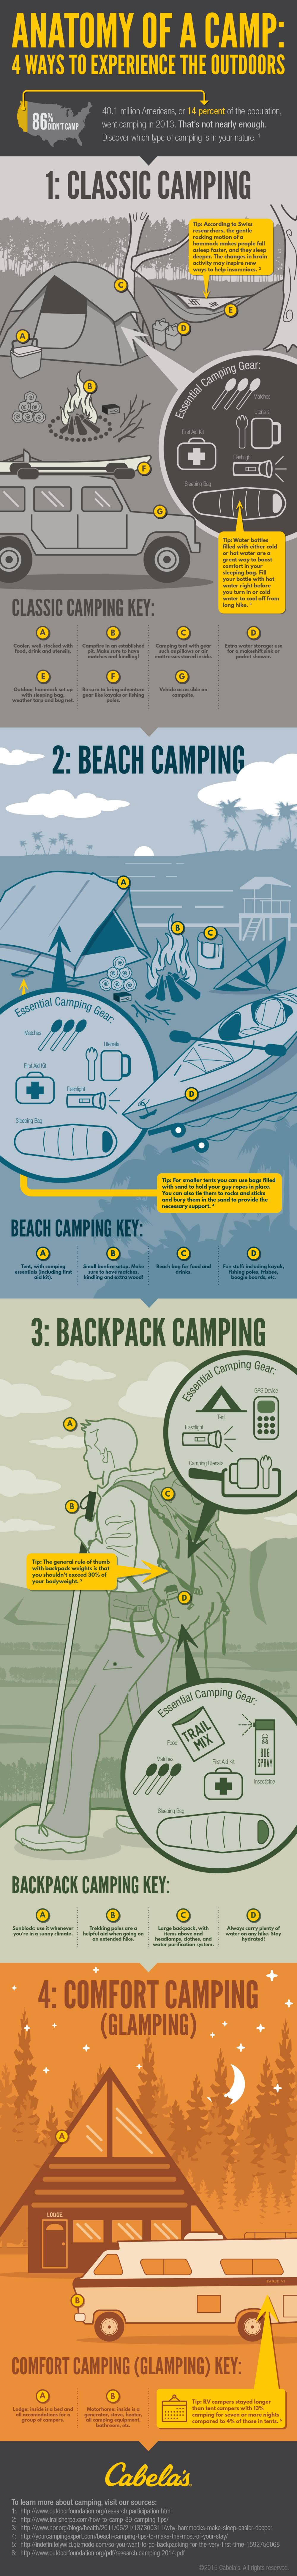 CAB0260-Cabelas_infographic-Campsites-v02.png